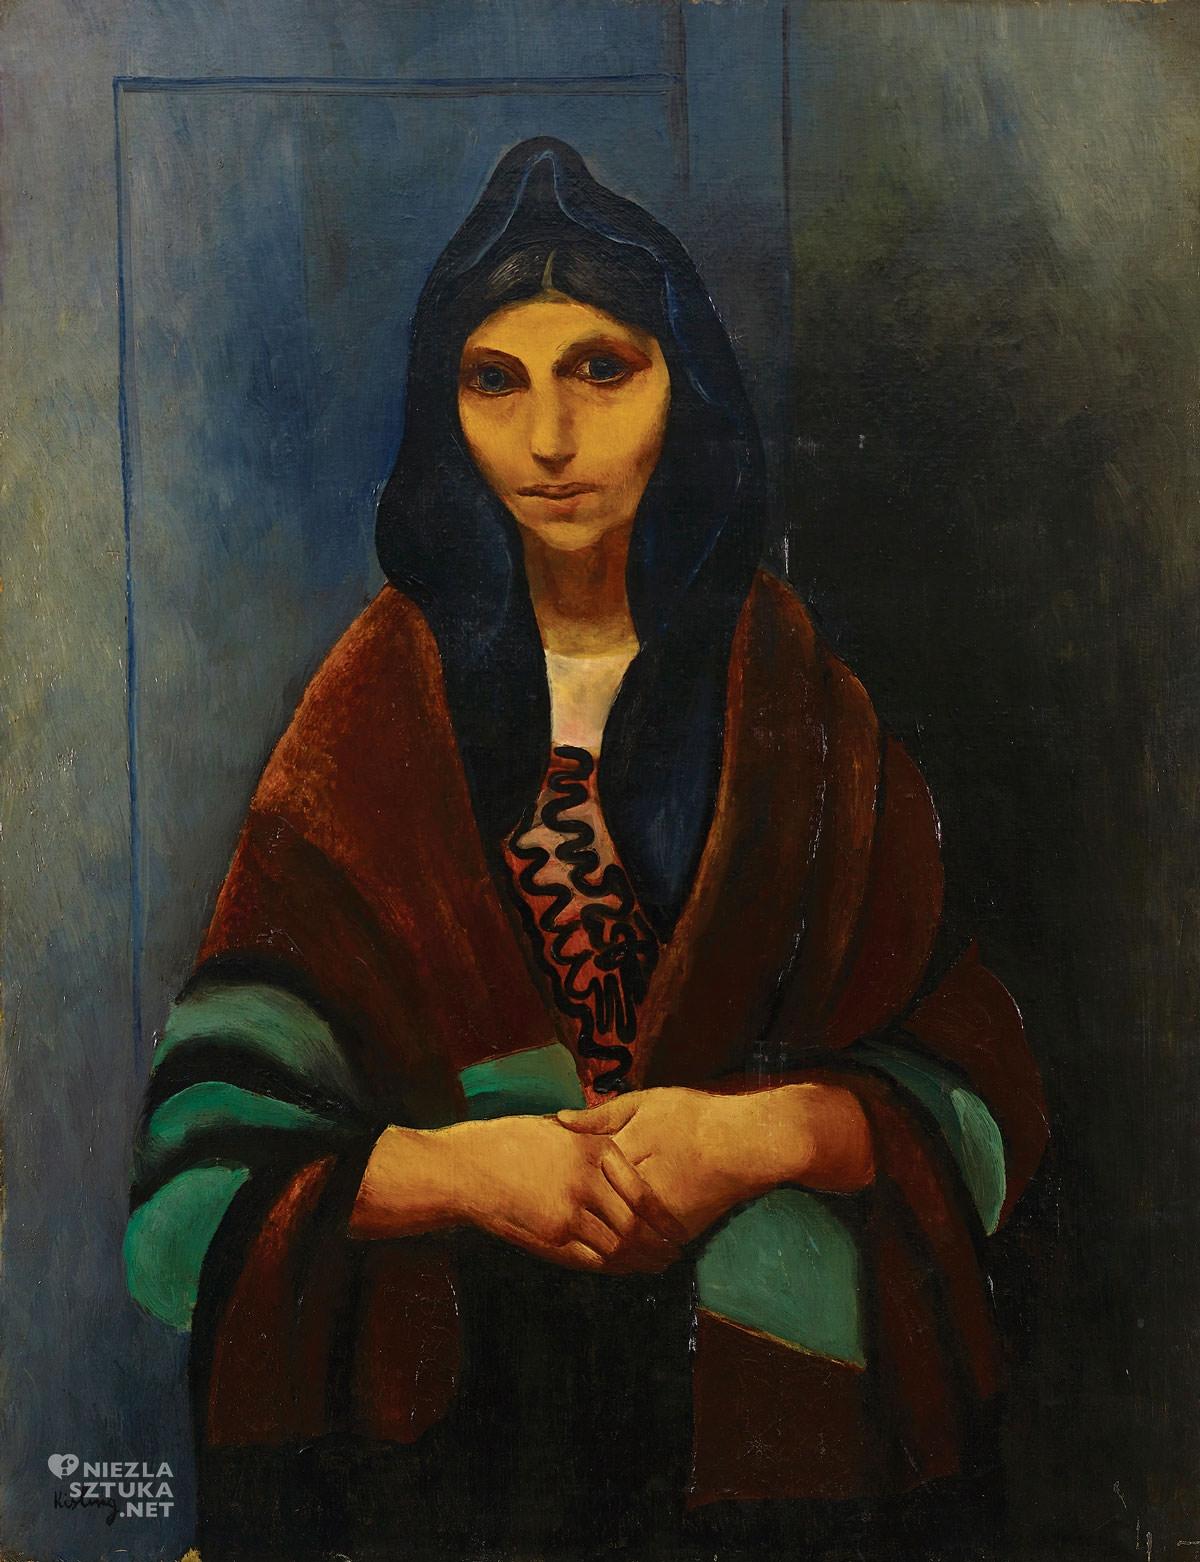 Mojżesz Kisling, Żydówka, portret, Ecole de Paris, Villa La Fleur, Niezła Sztuka, portret